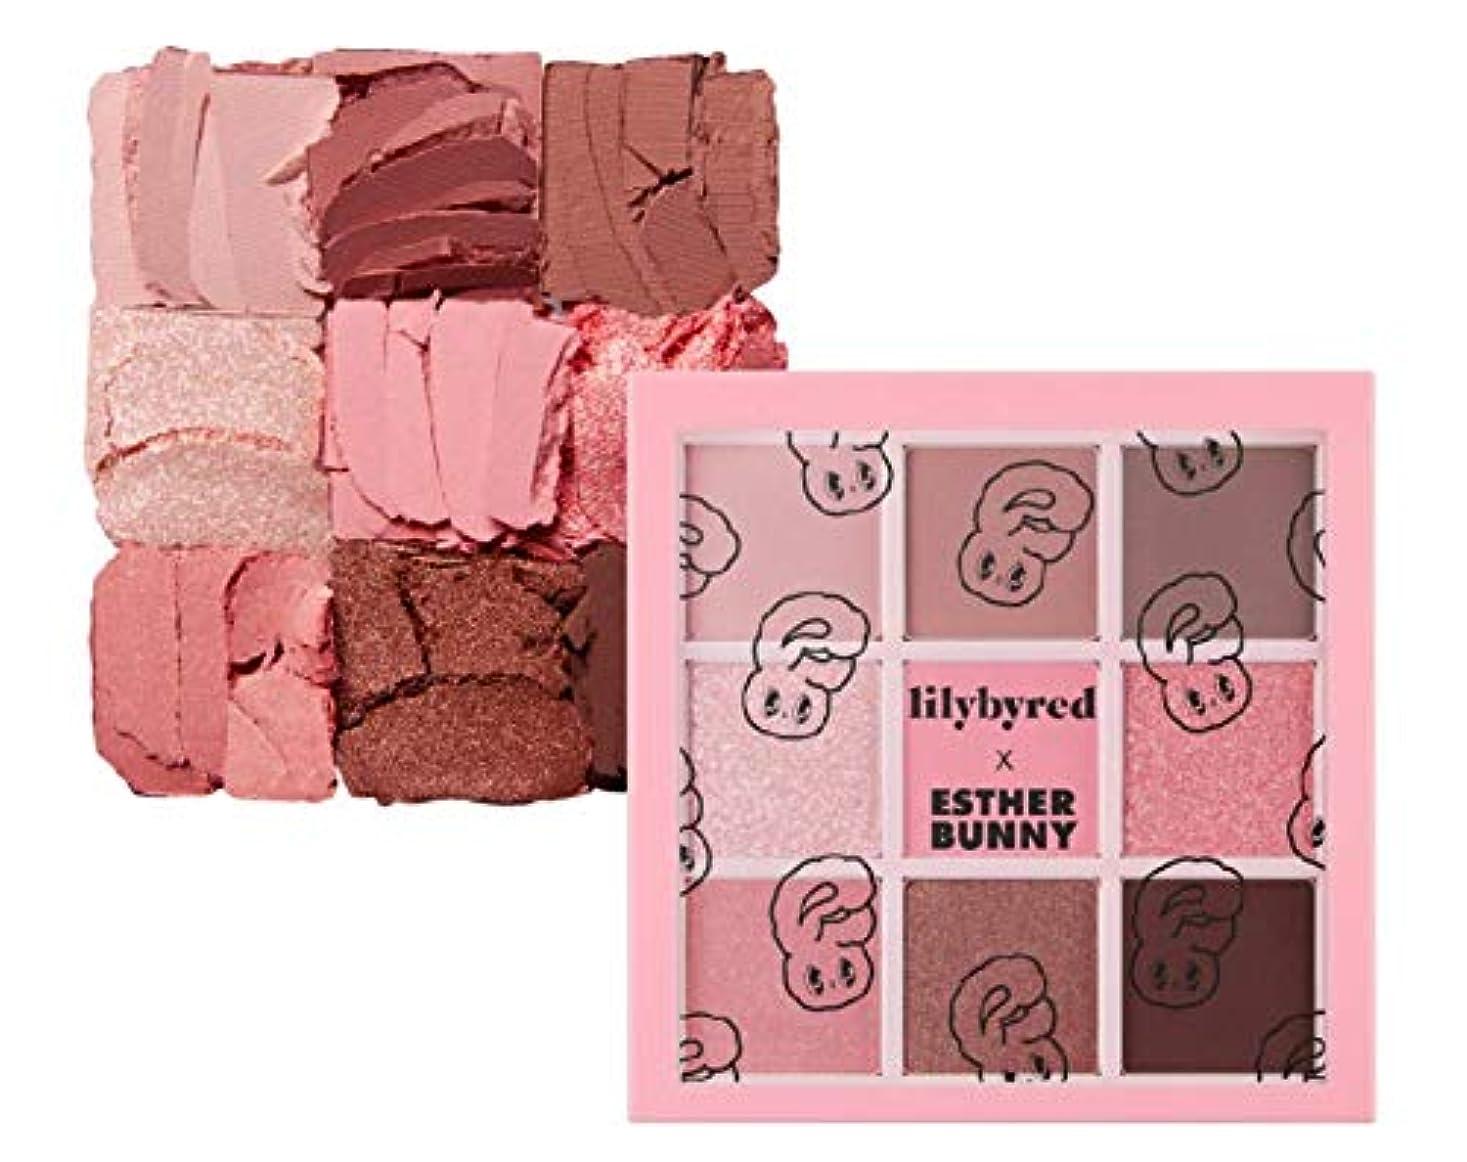 デモンストレーションラテンジャンクLILYBYRED [Esther Bunny Edition] ムードチートキット アイシャドウ パレット Mood Cheat Kit Eyeshadow Palette 02 Pink Sweets [並行輸入品]